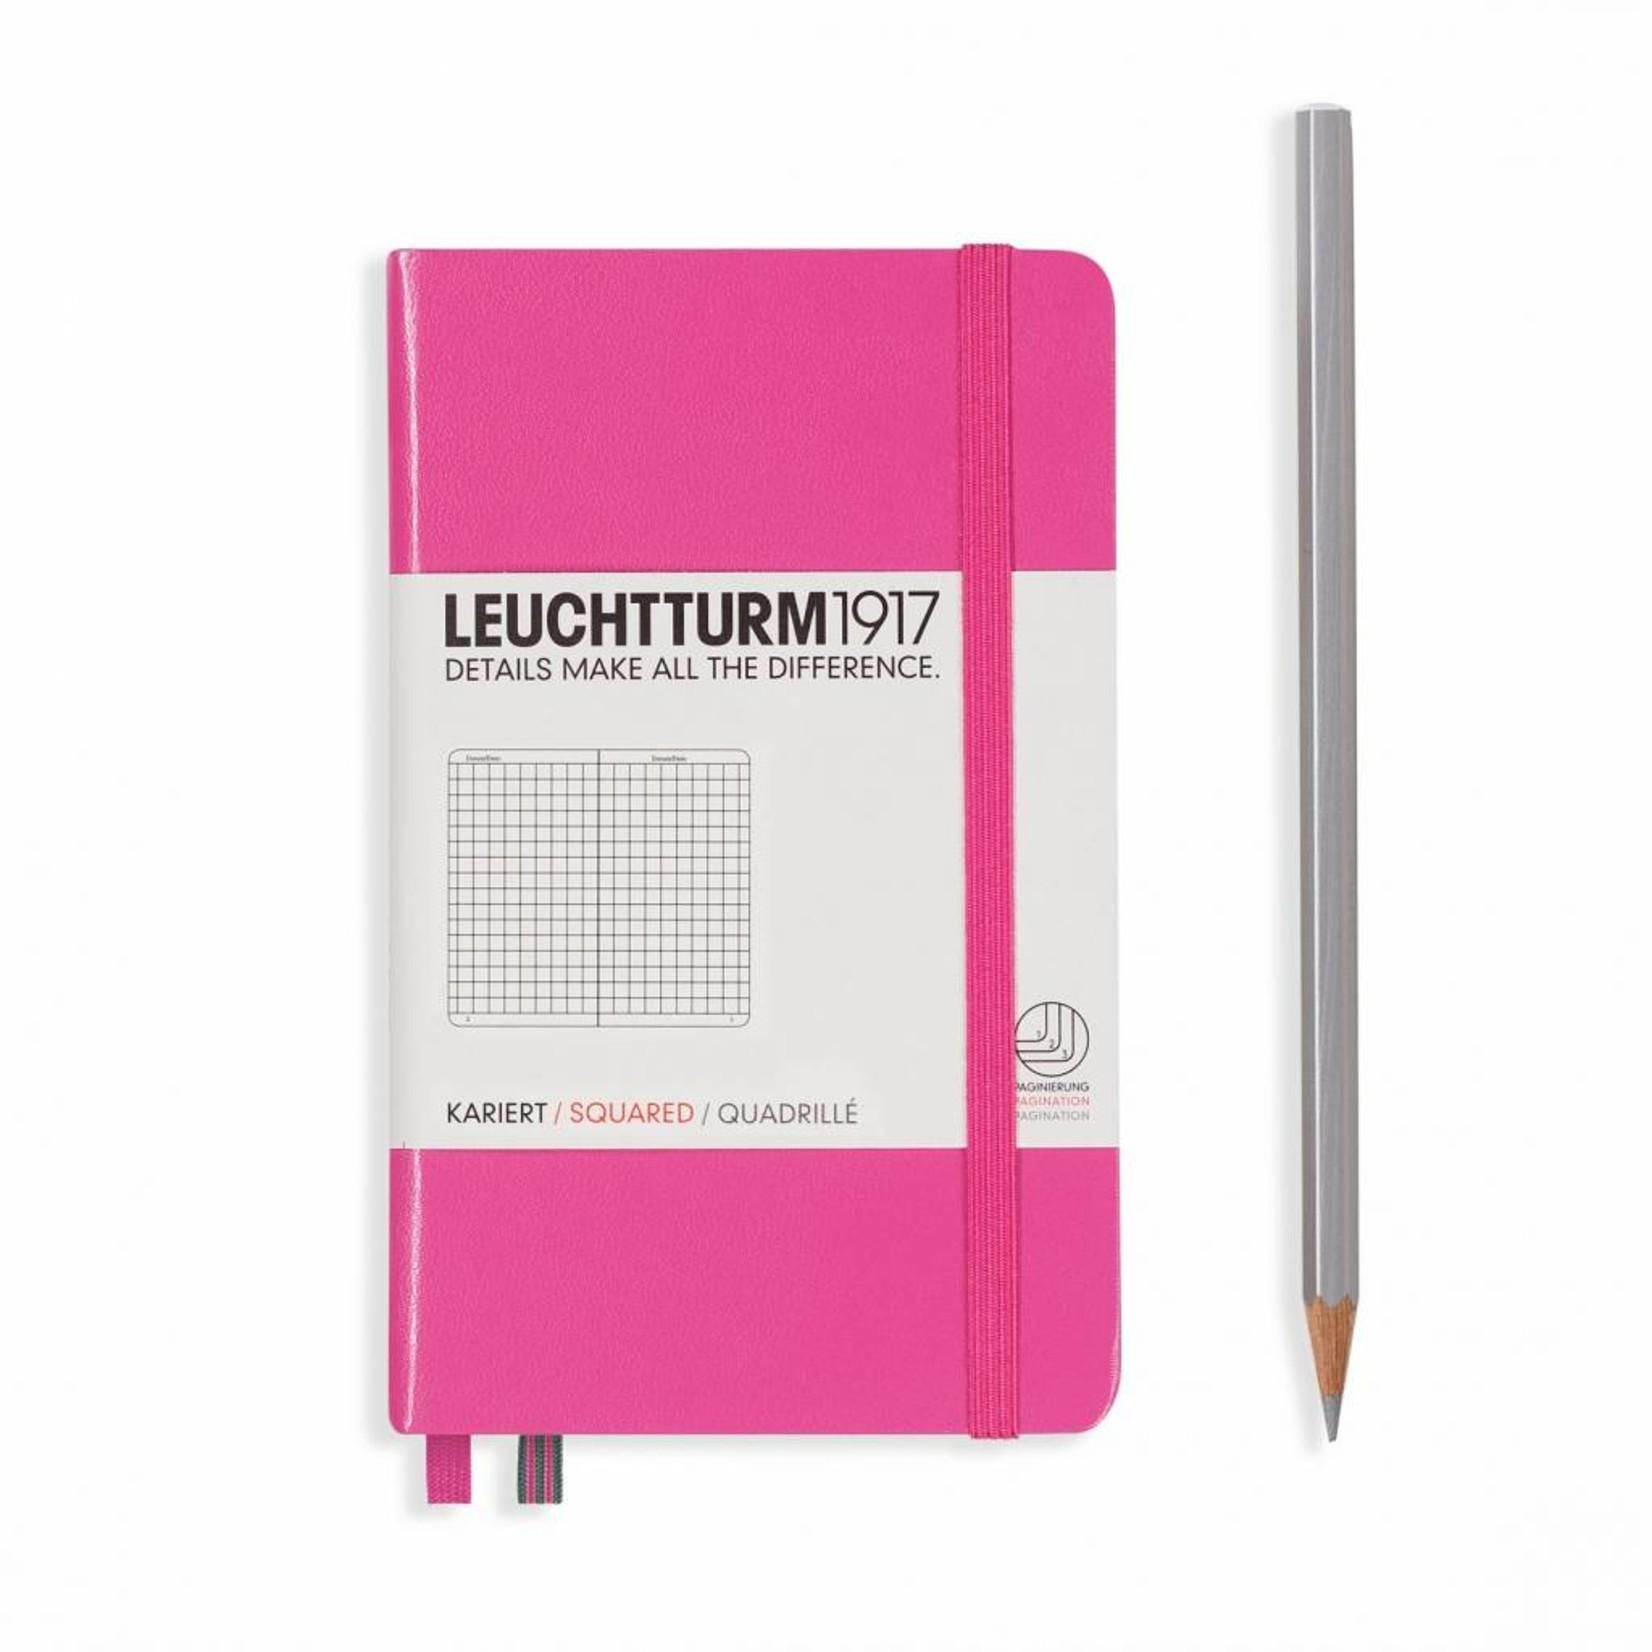 Leuchtturm1917 Leuchtturm1917 Notizbuch, Pocket, Pink, Kariert